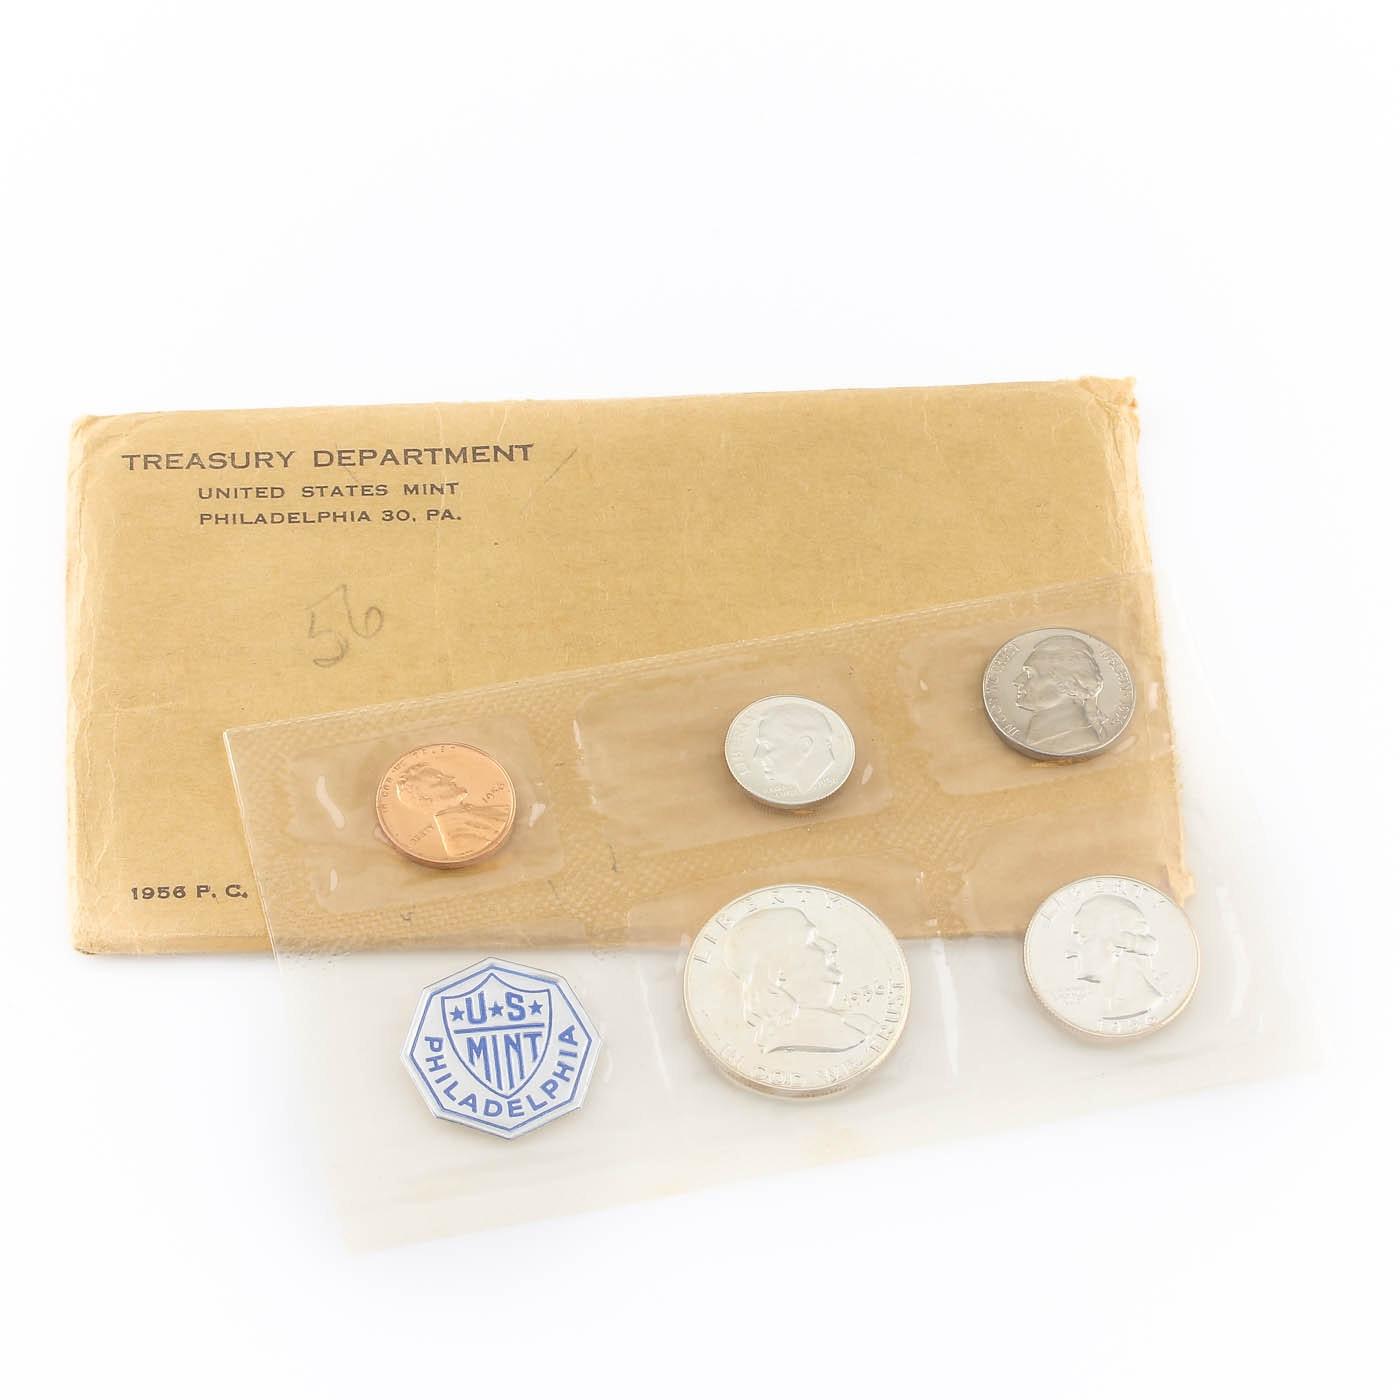 1956 U.S. Philadelphia Mint Proof Set